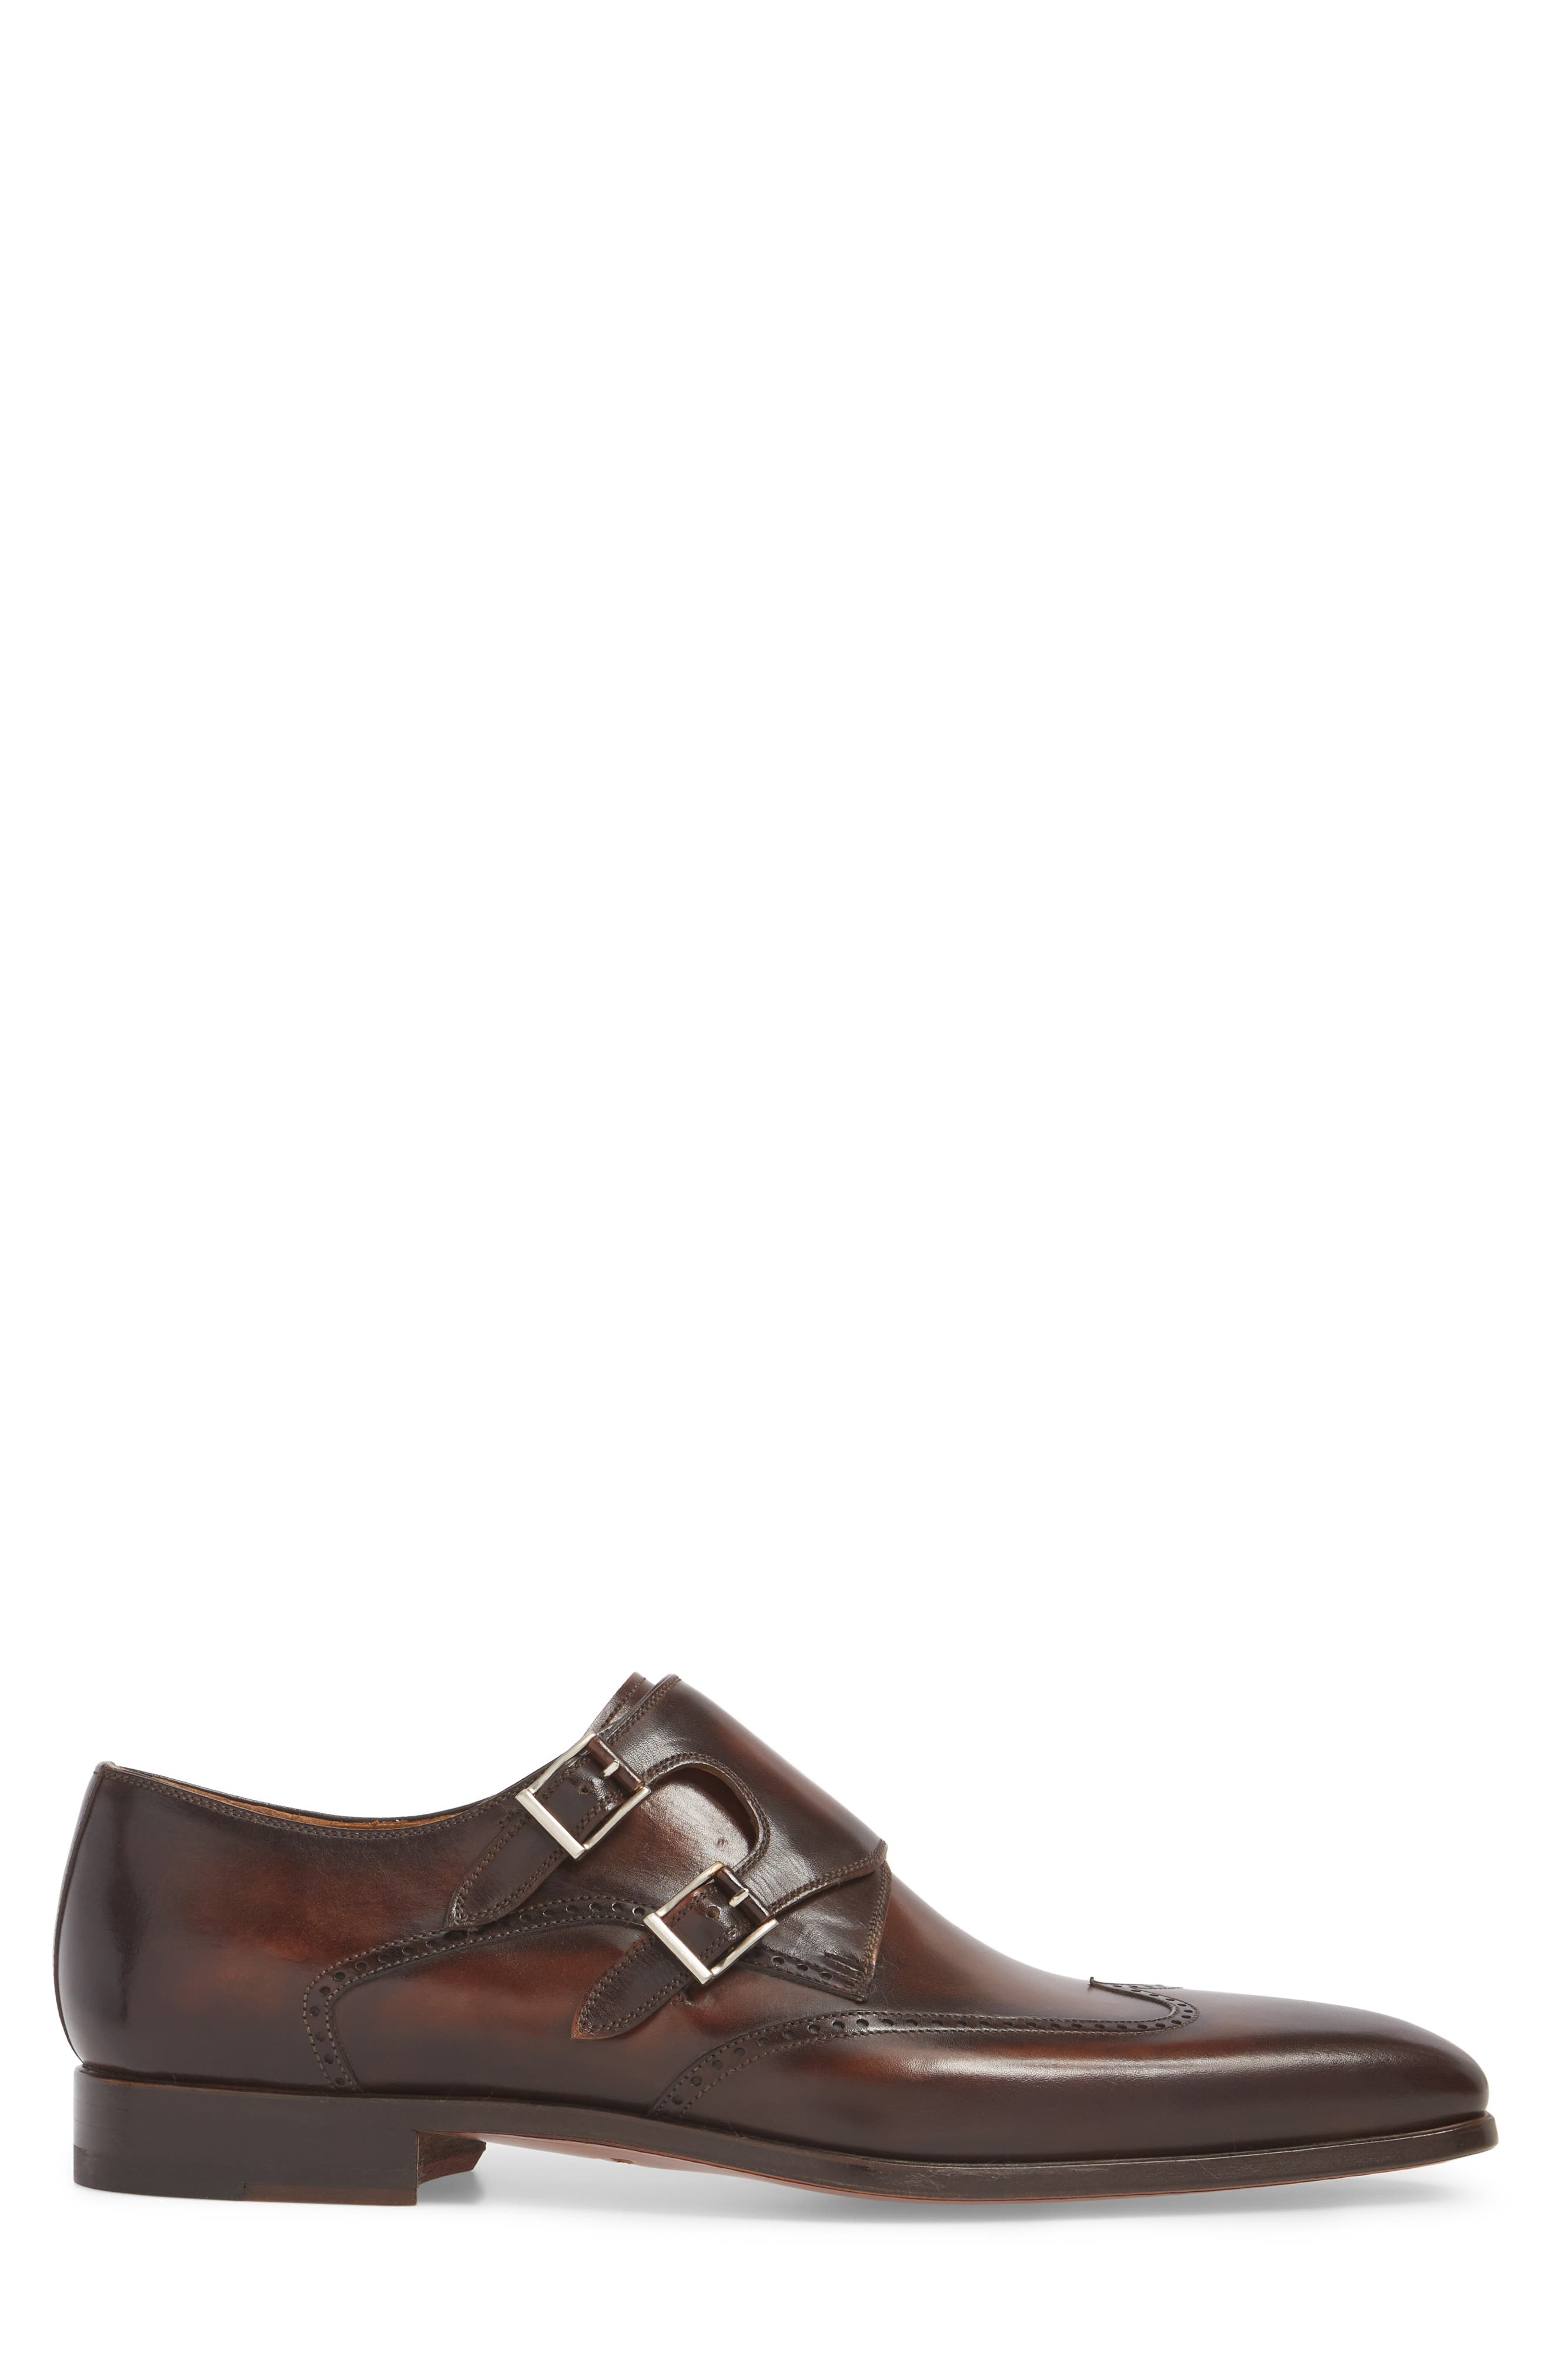 Dixon Wingtip Double Strap Monk Shoe,                             Alternate thumbnail 3, color,                             Tobacco Leather